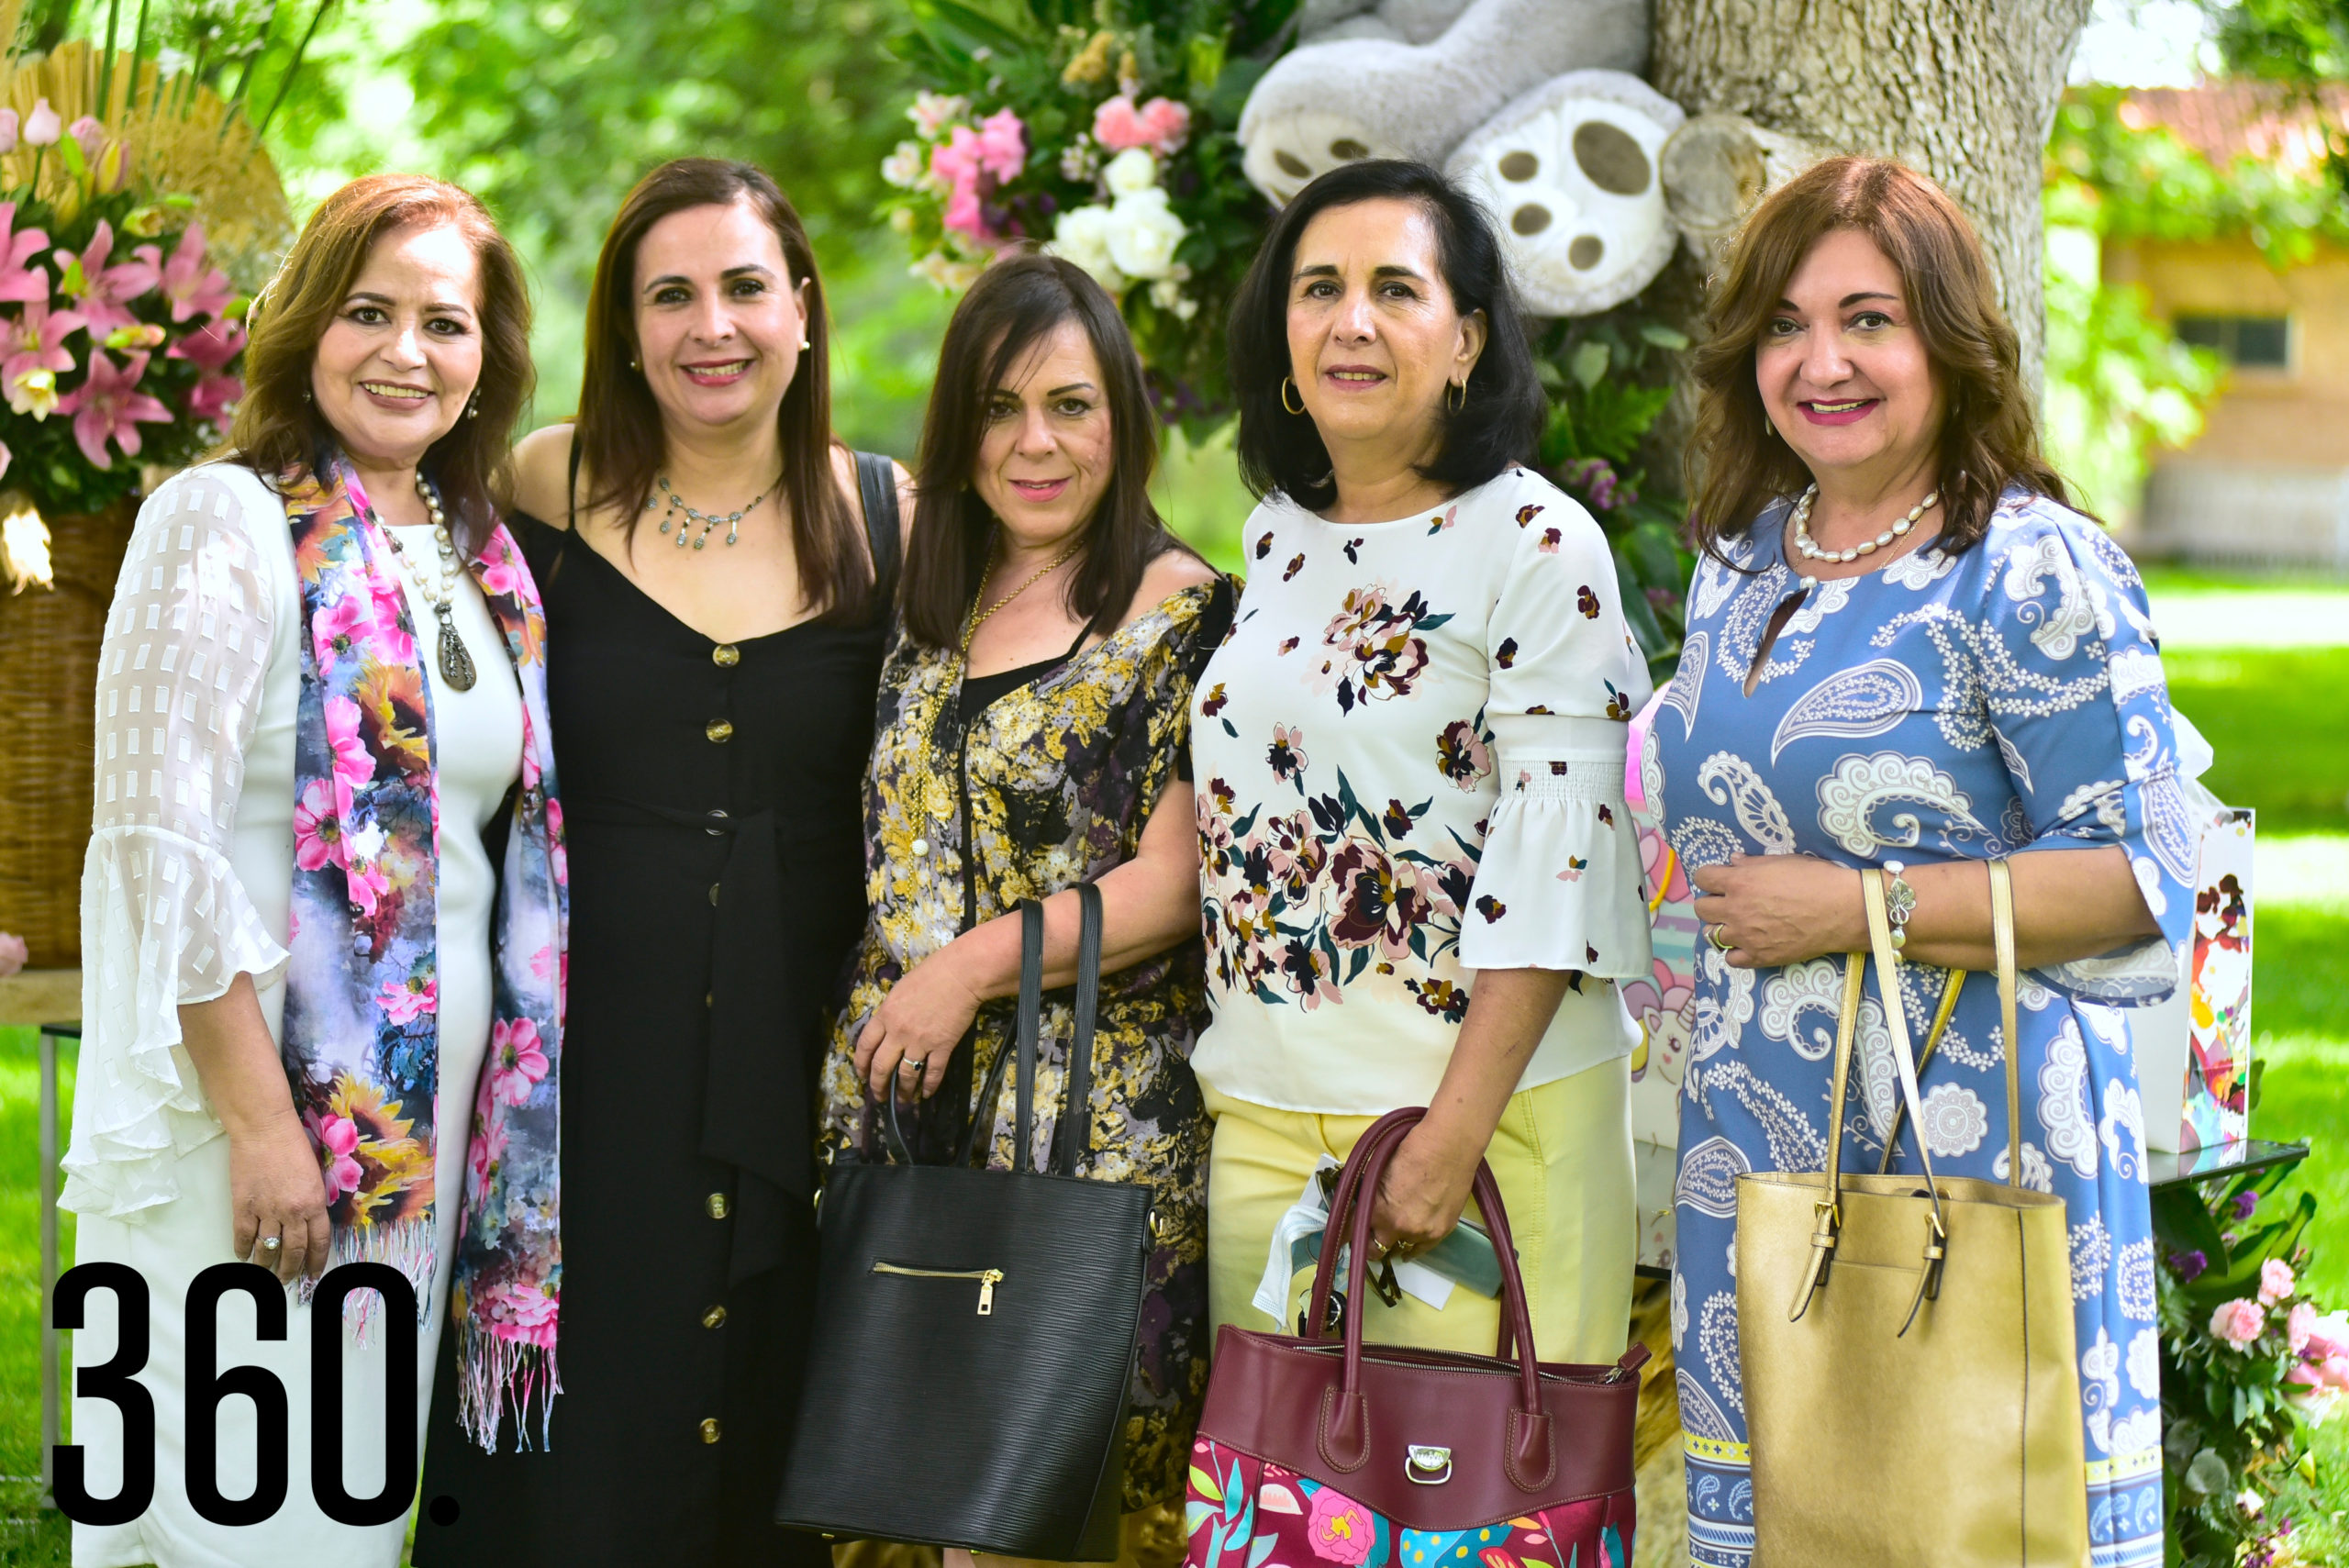 Lili Melo de De las fuentes, Fabiola Aguirre, Martha Aguirre, Paula Aguirre y Lourdes Carral de Garza.